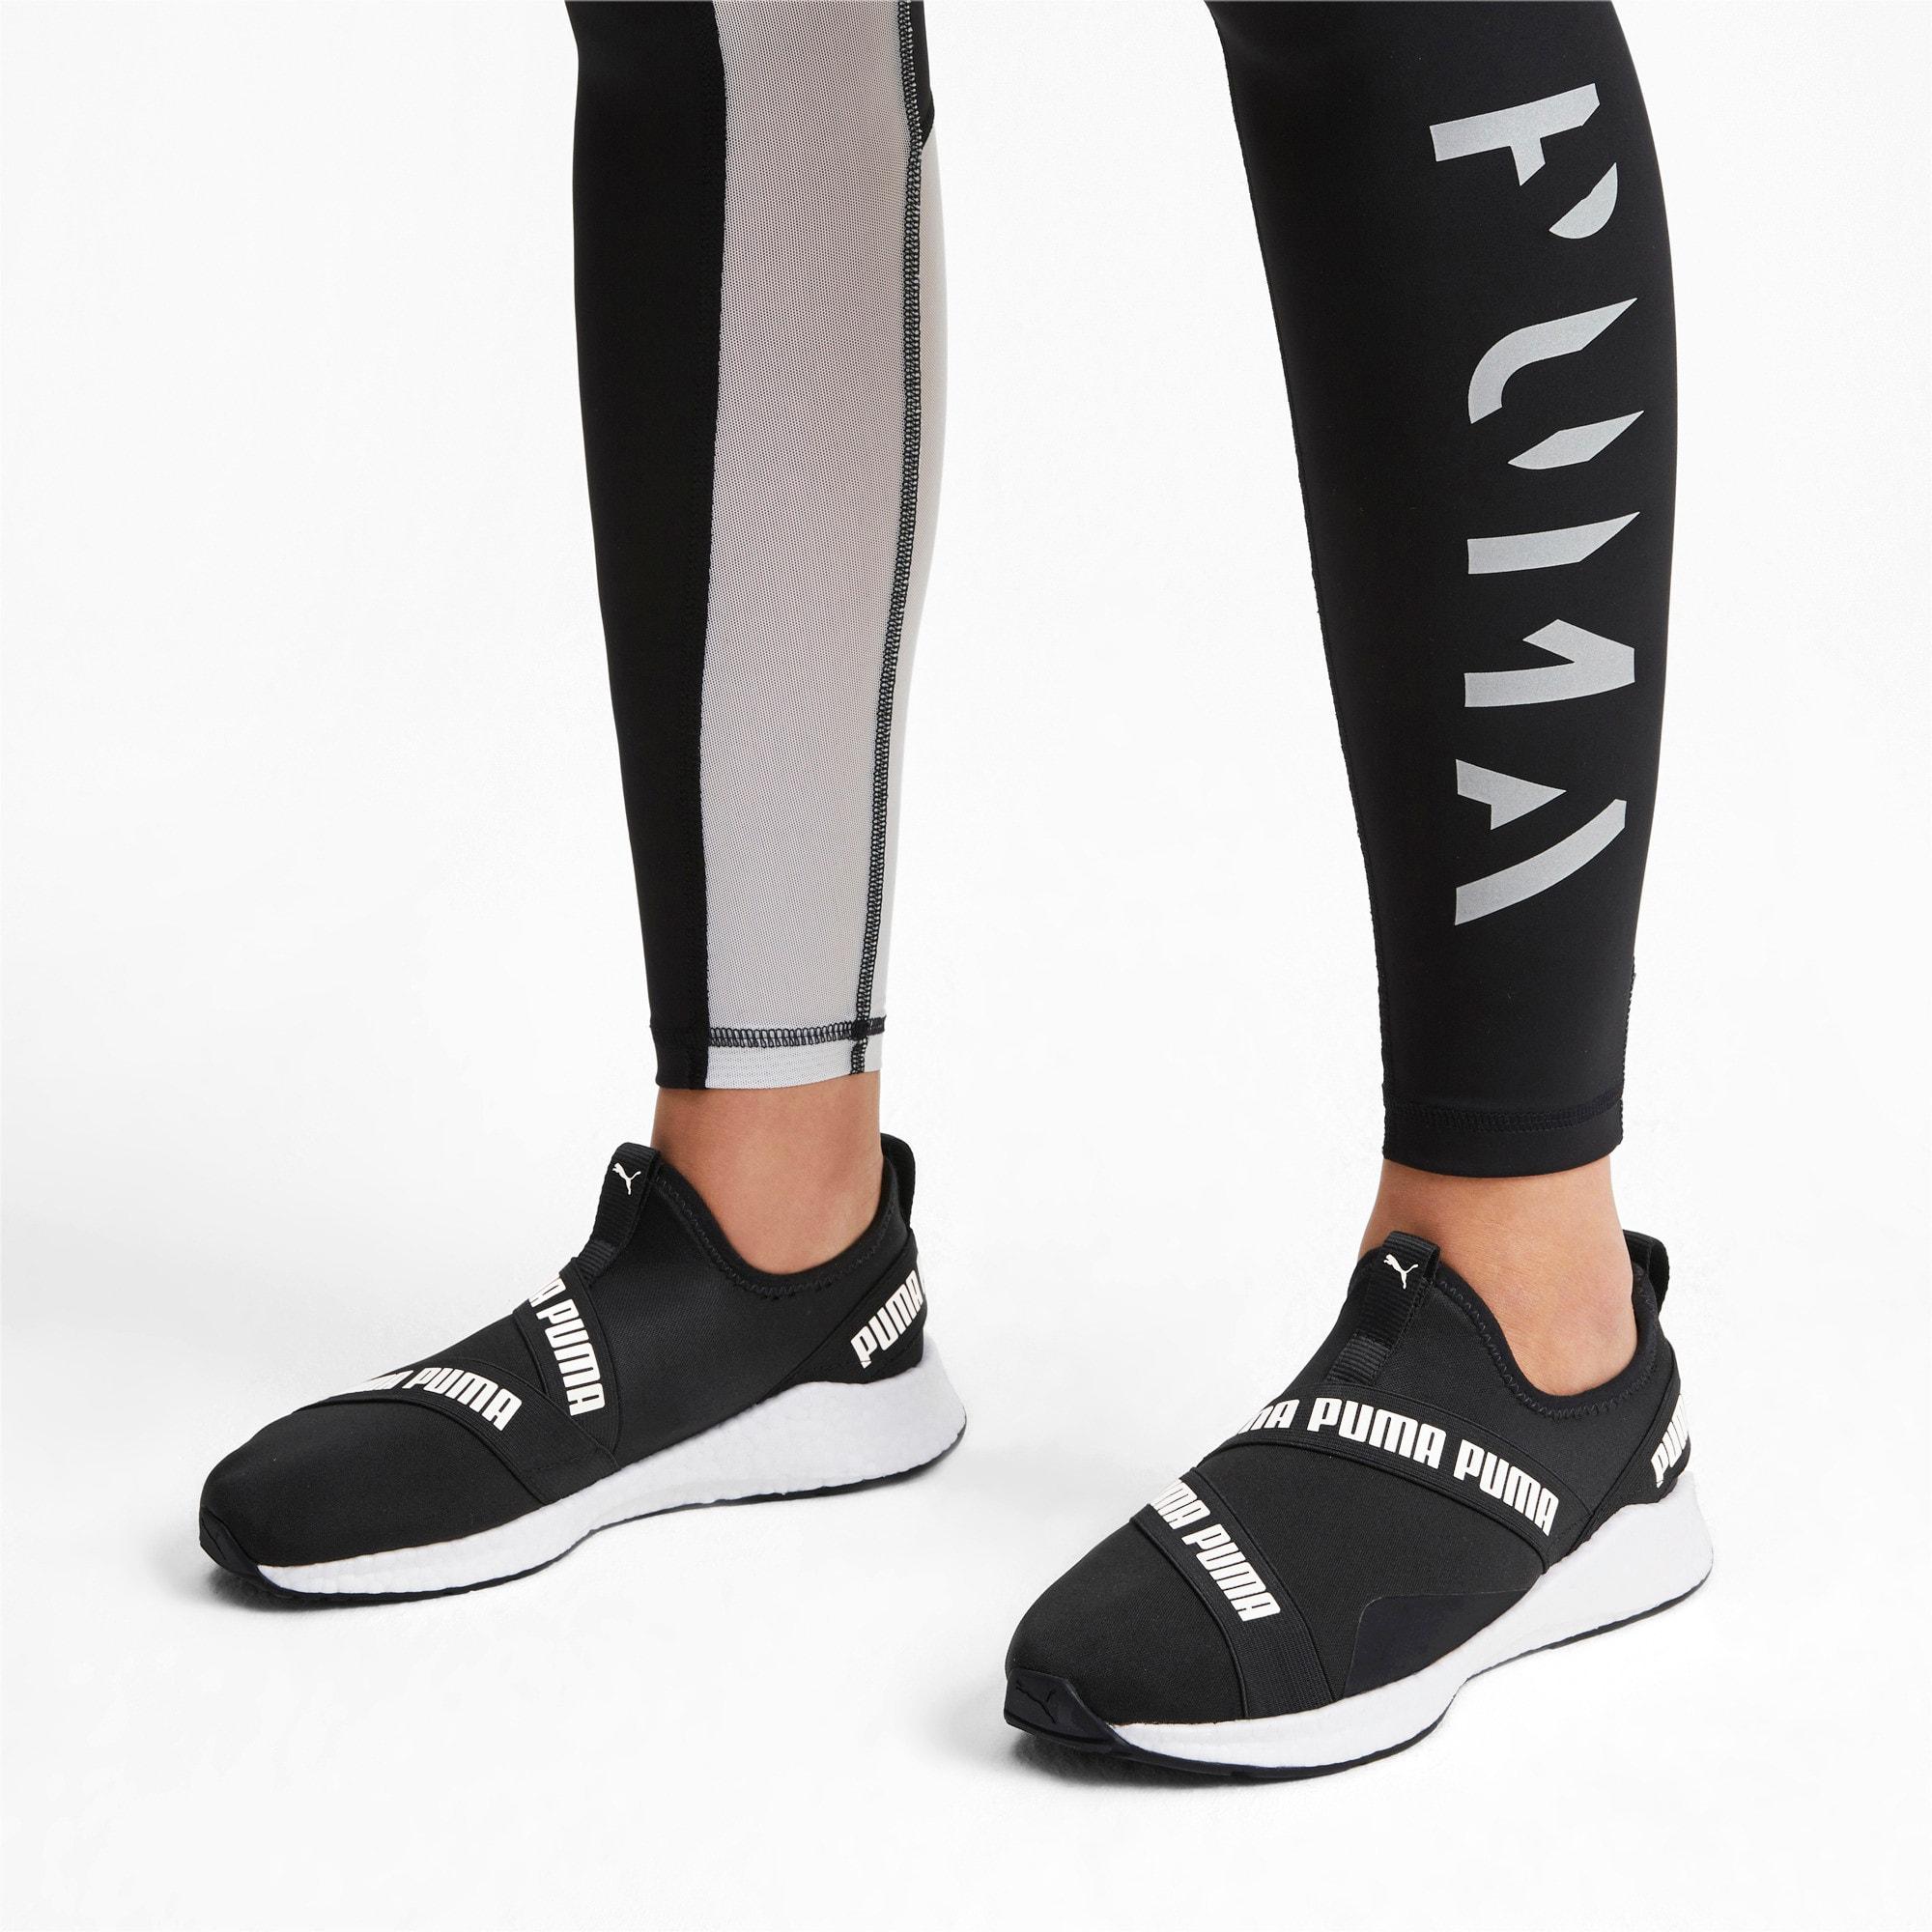 Thumbnail 2 of NRGY Star Slip-On Running Shoes, Black-Pearl-White, medium